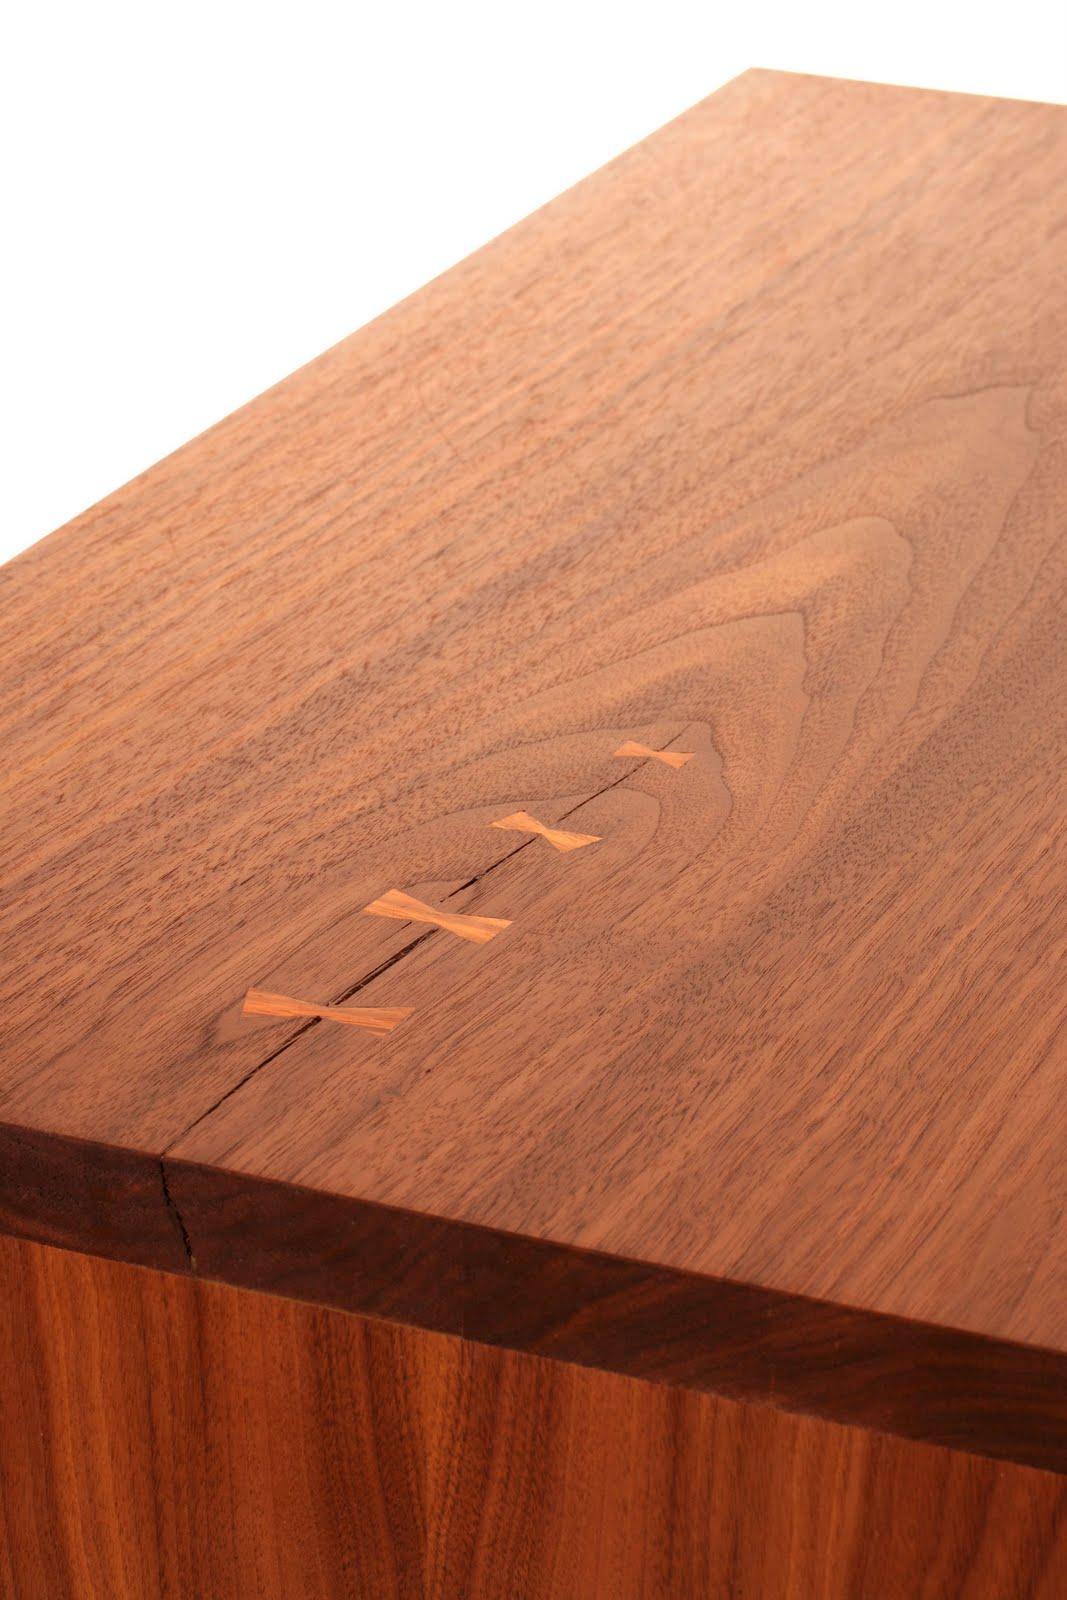 Woodworking Hidden Joints